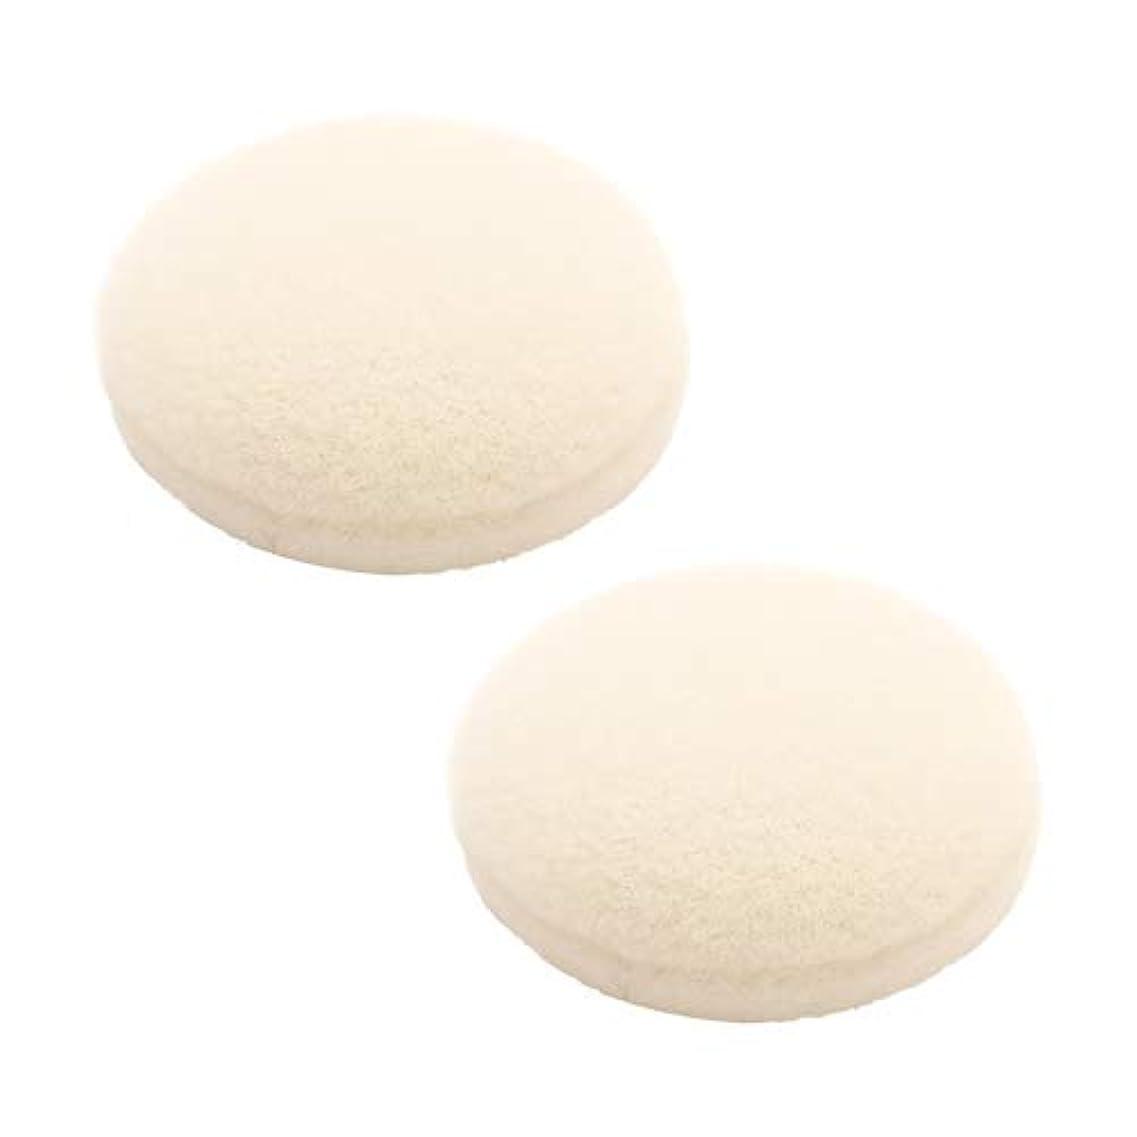 作り消費する苦いETVOS(エトヴォス) ポンポンミネラルチーク専用替えパフ(2枚セット) 直径3.5cm